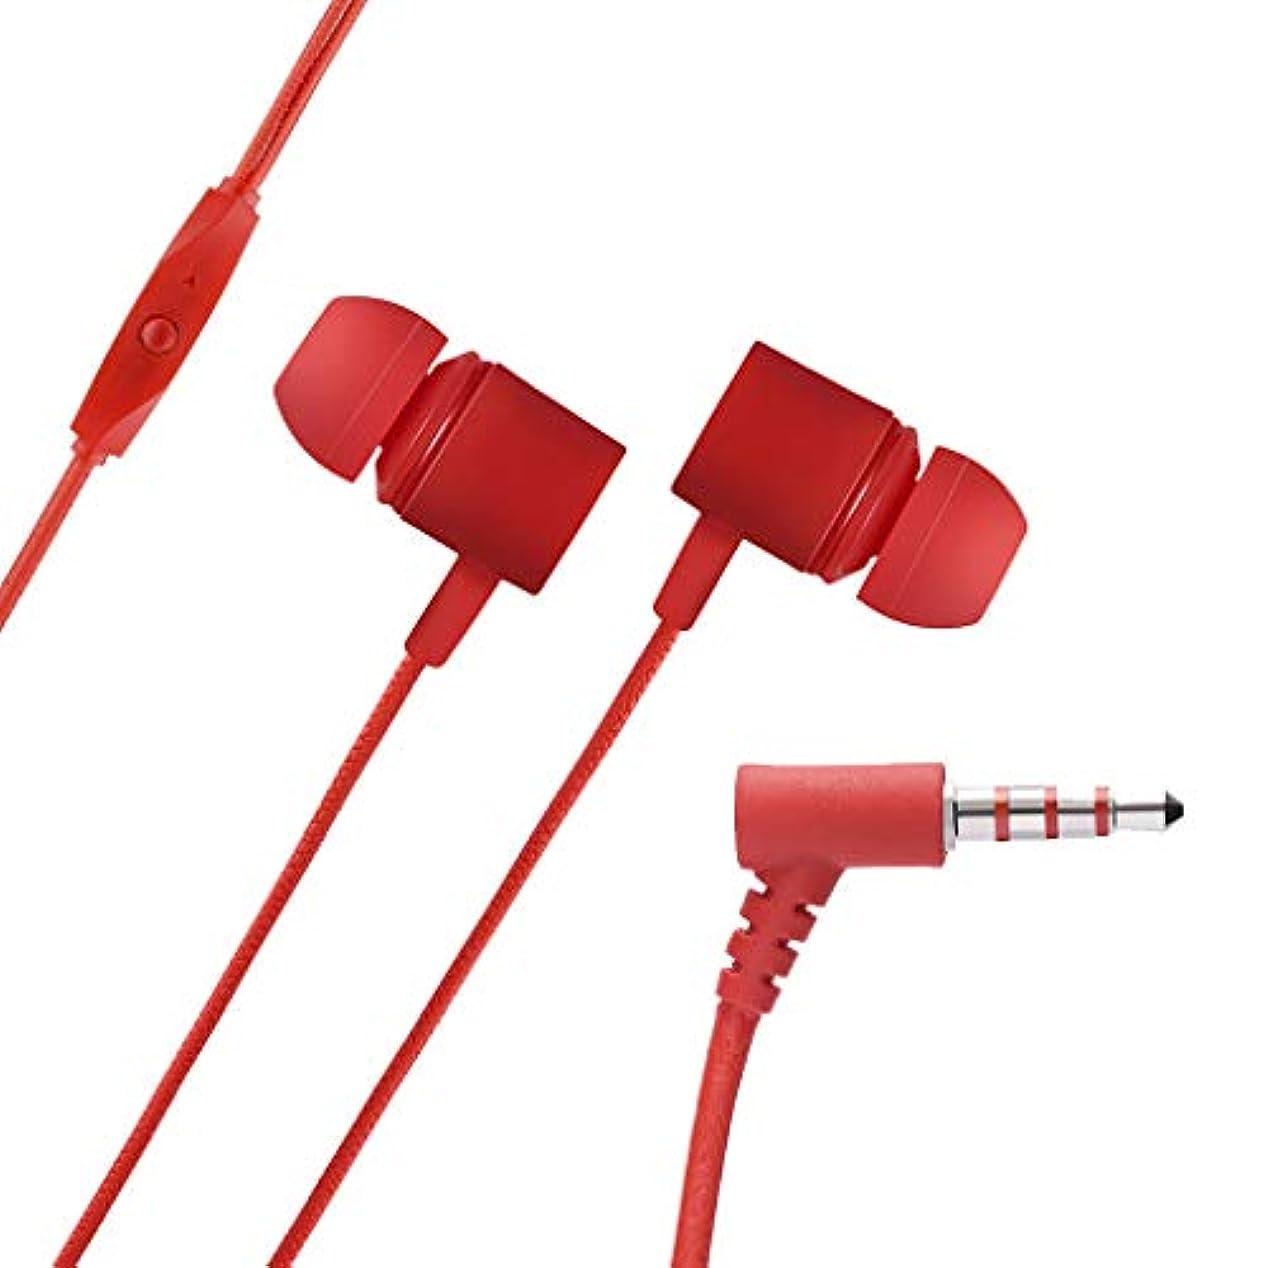 鉛色合い剥ぎ取る有線イヤホンインイヤーステレオハイファイイヤホンベースイヤホンスポーツヘッドセット音楽ヘッドホン内蔵マイク 重低音 高音質 超軽量 高遮音性 騒音抑制